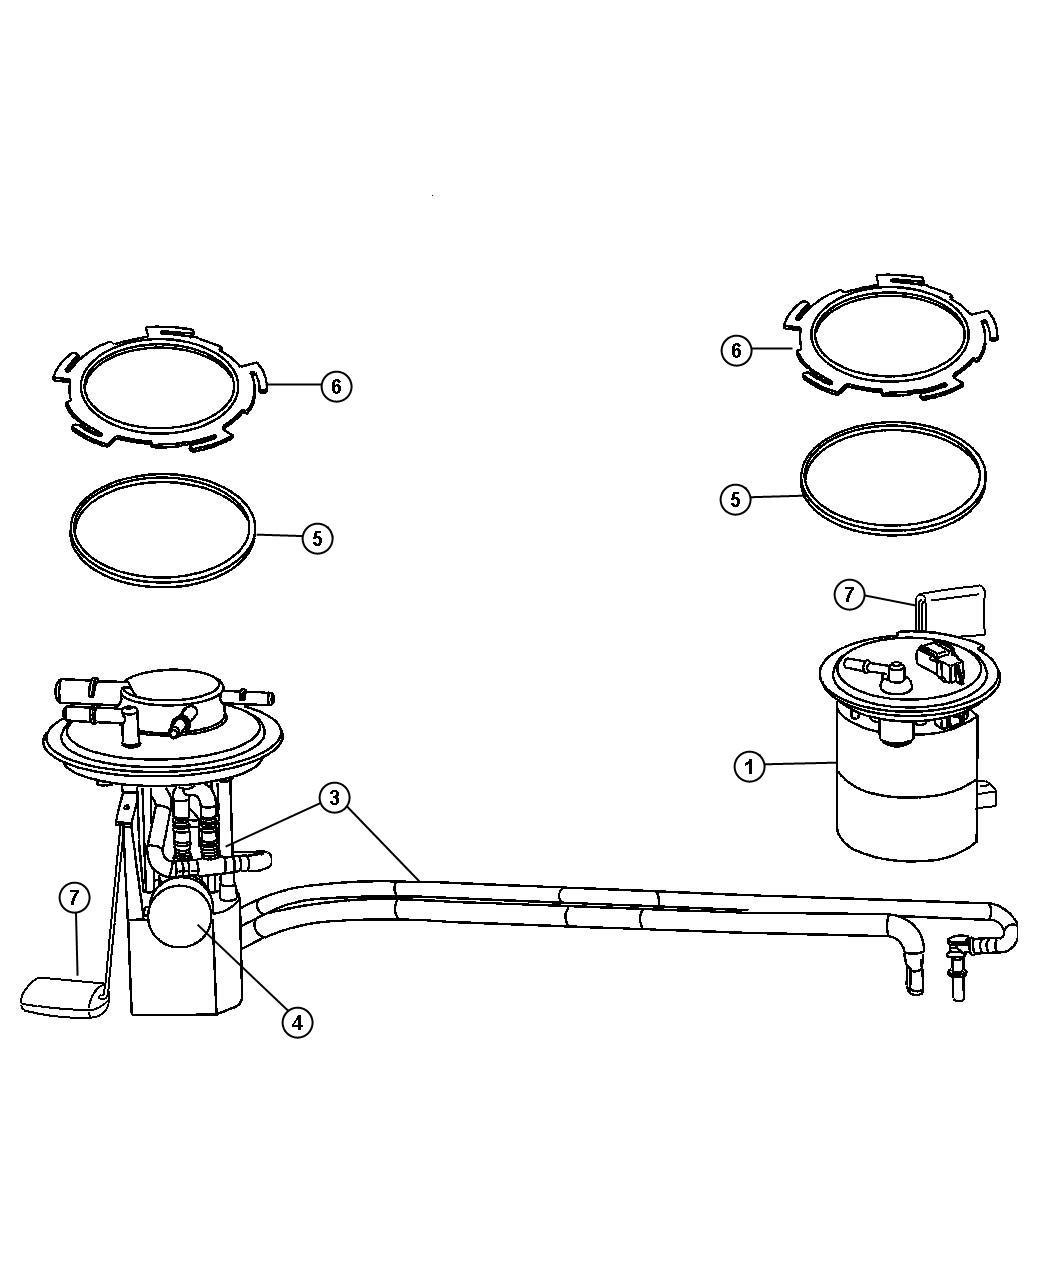 2005 Chrysler Pacifica Module. Fuel pump/level unit